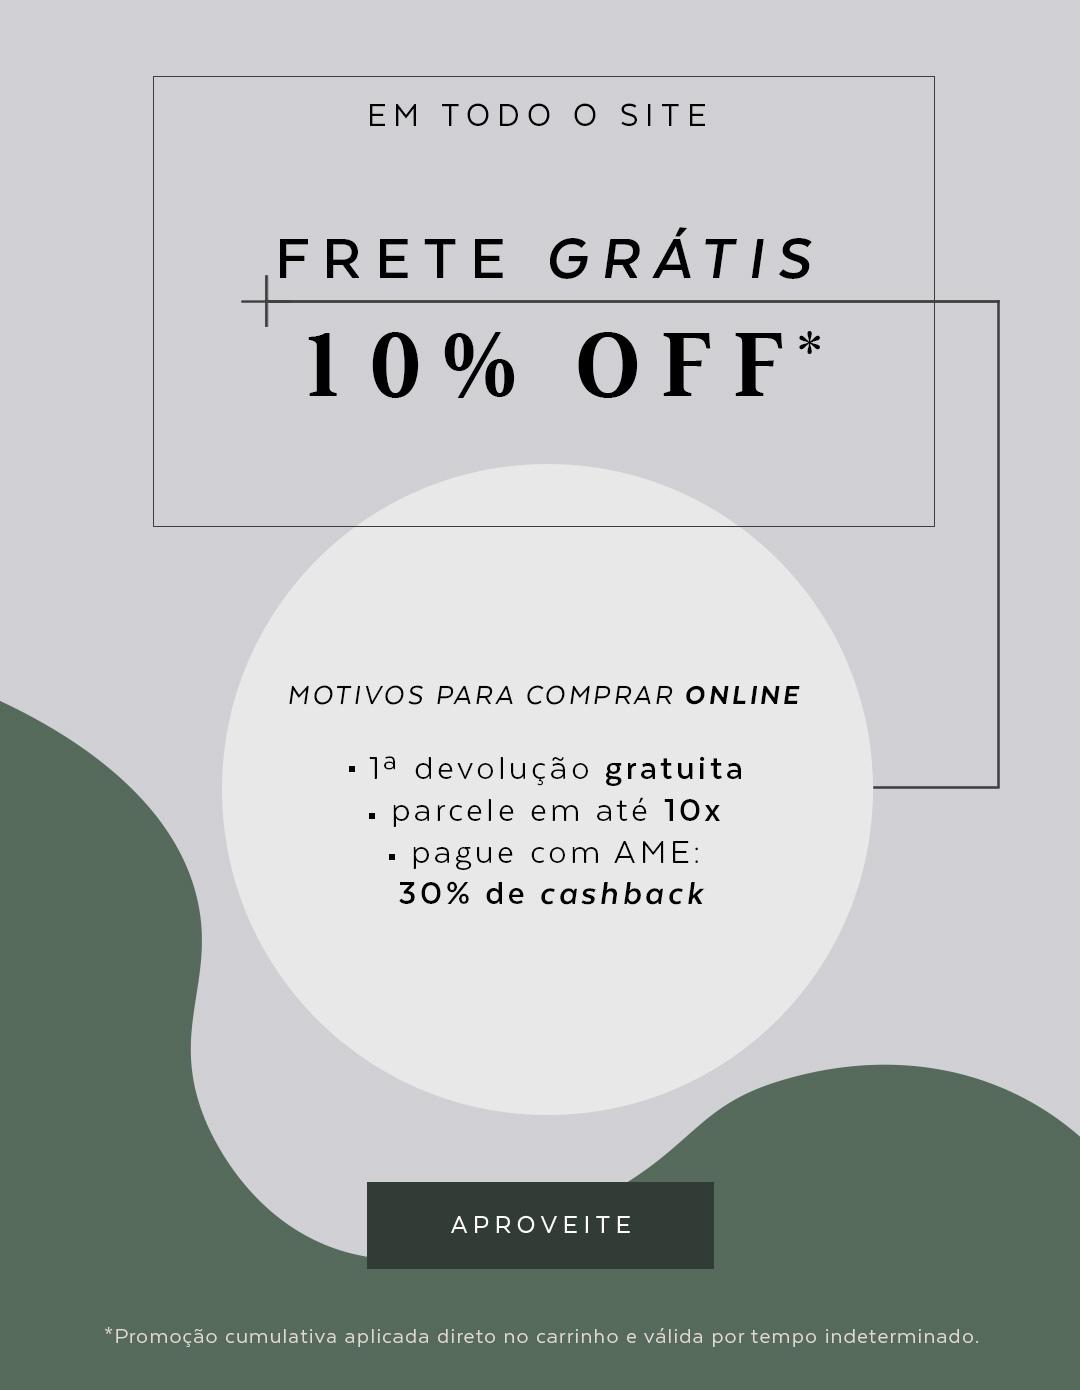 10% off + frete gratis